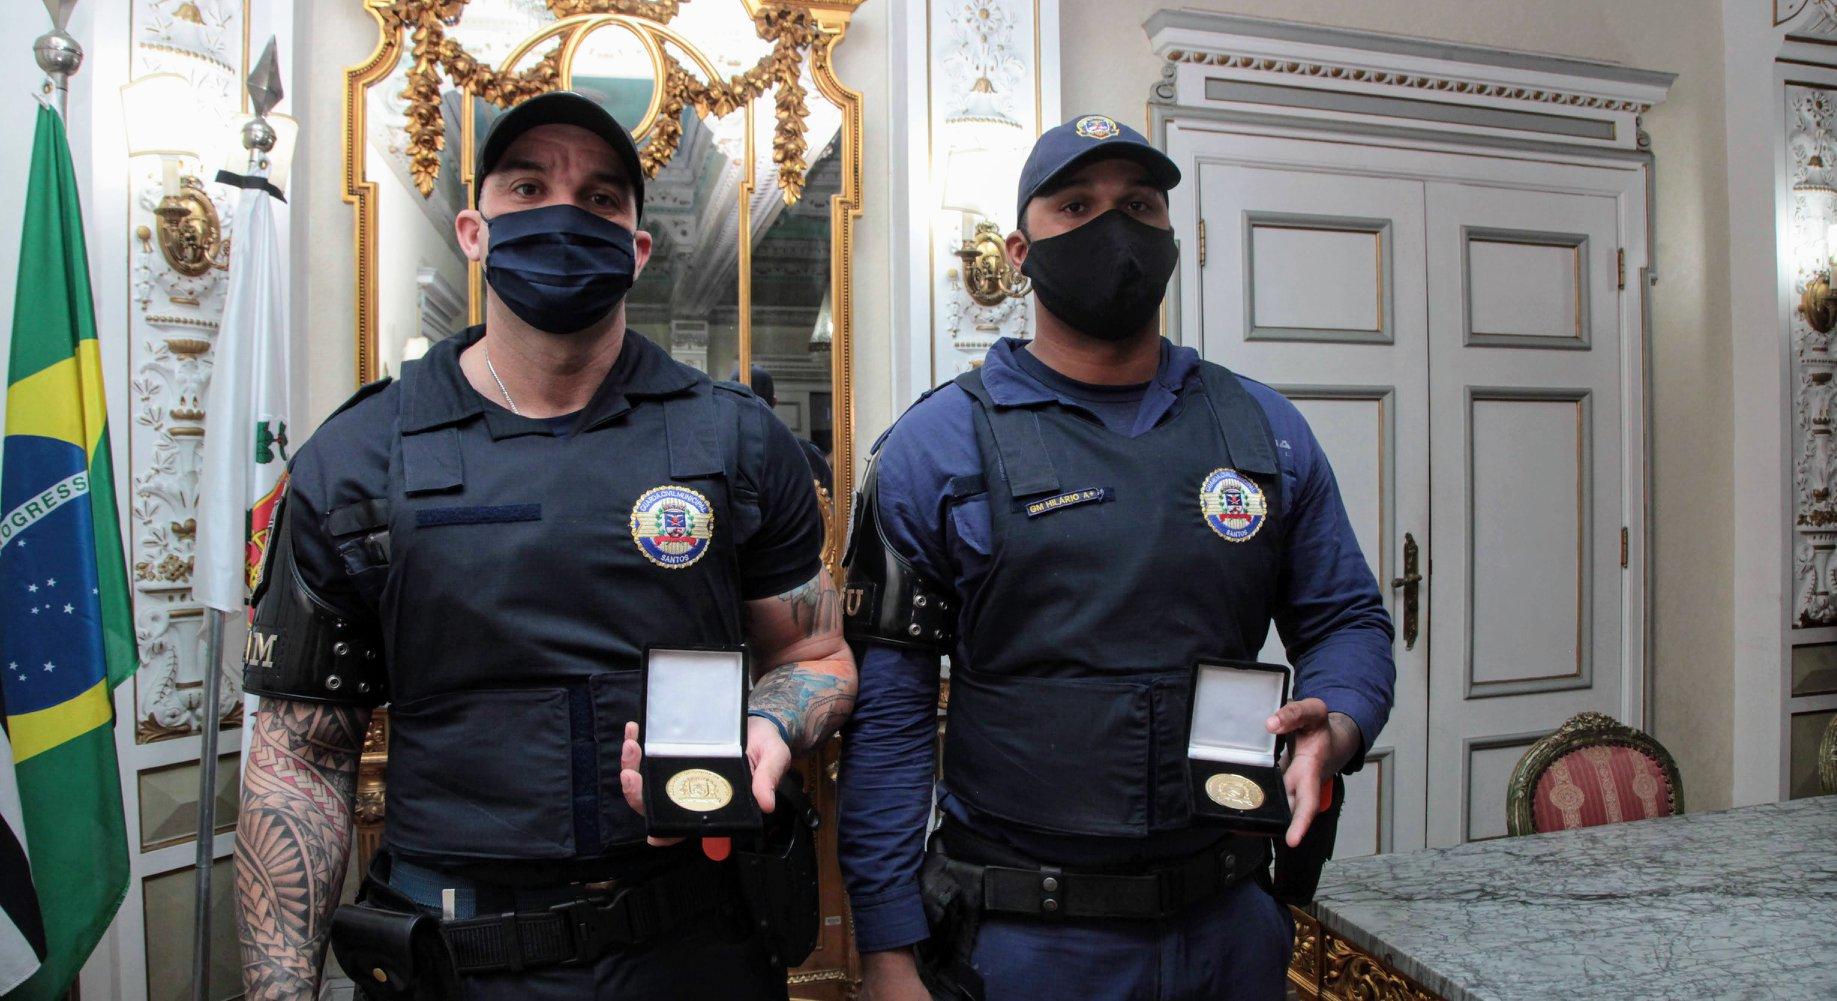 Cícero Hilário Roza Neto e Roberto Guilhermino da Silva foram homenageados pela conduta. Foto: Divulgação/Prefeitura de Santos